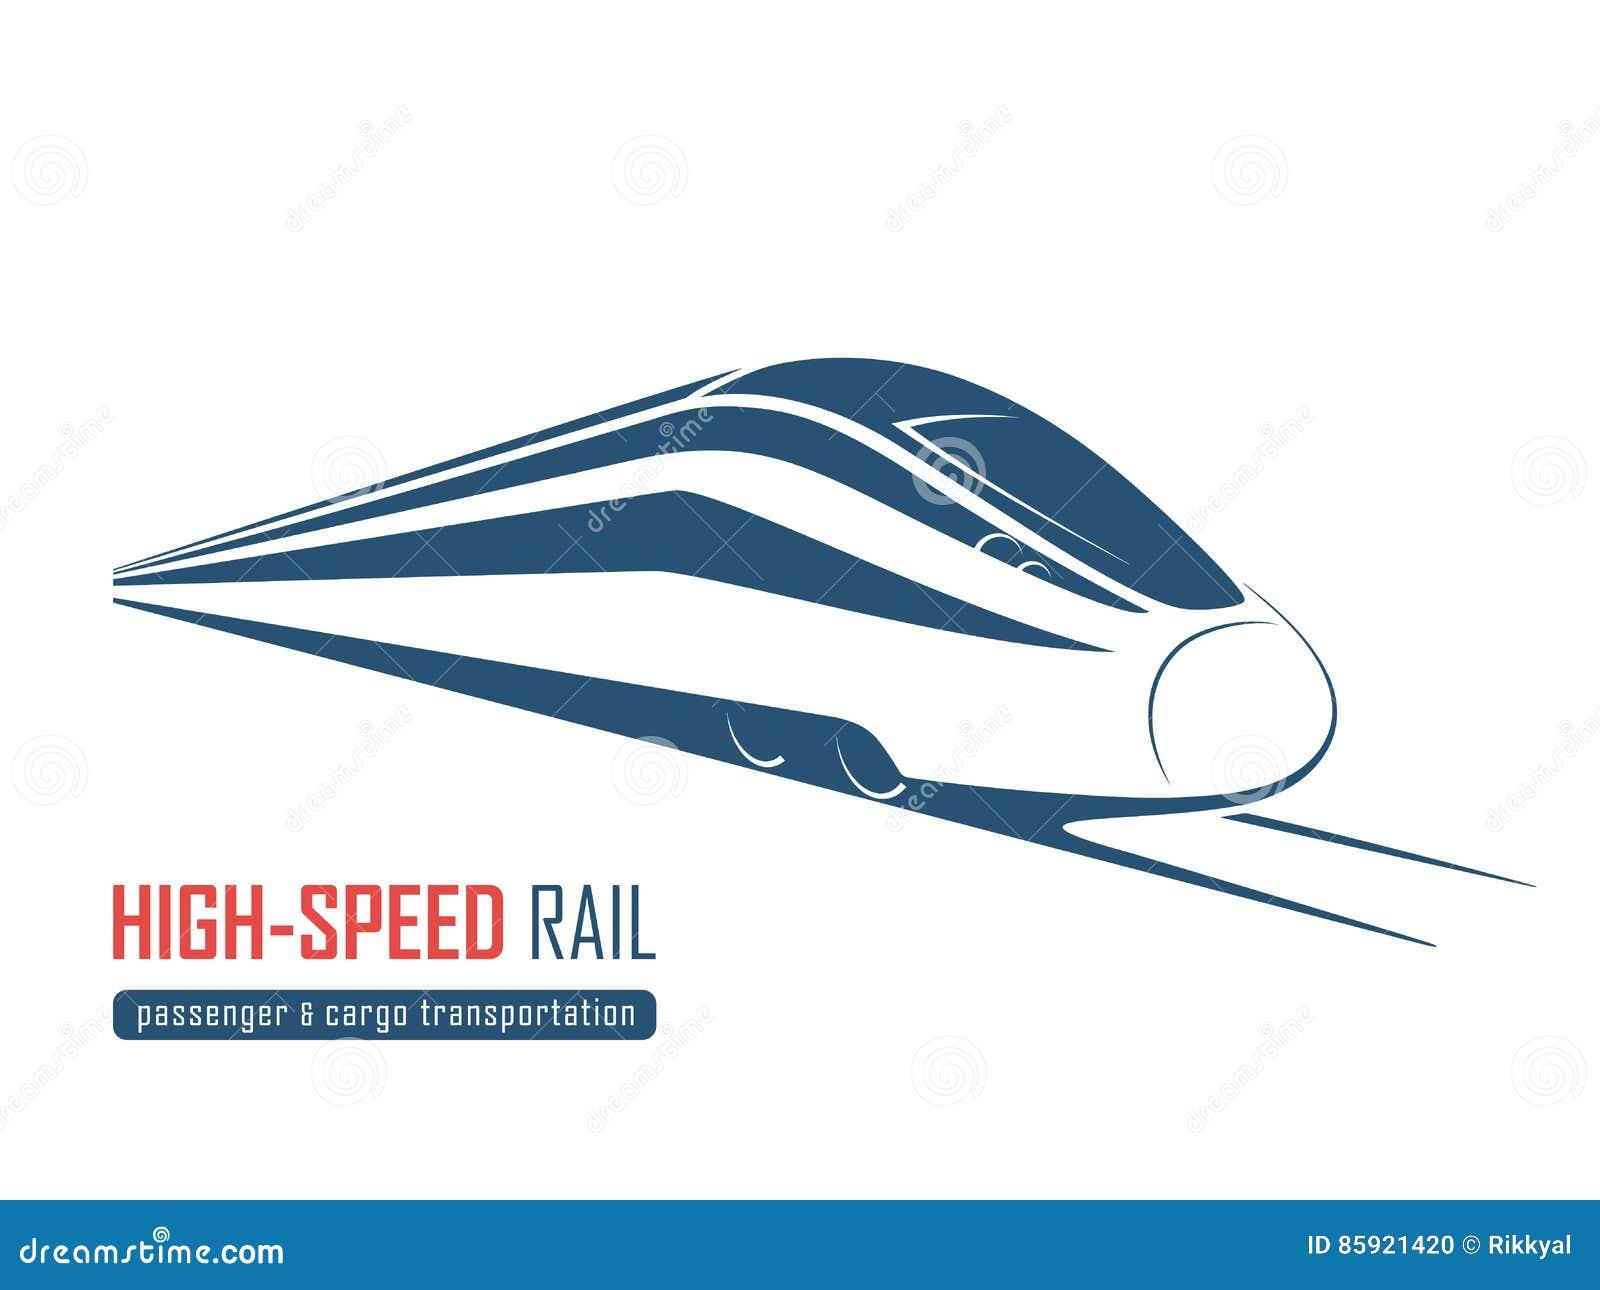 Emblème moderne de rail à grande vitesse, icône, label, silhouette